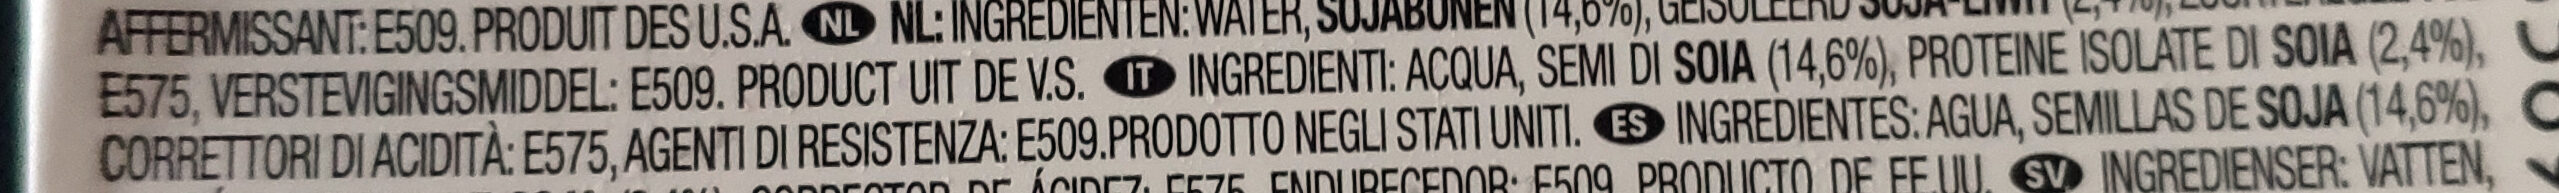 Morinu silken tofu firm - Ingredienti - it